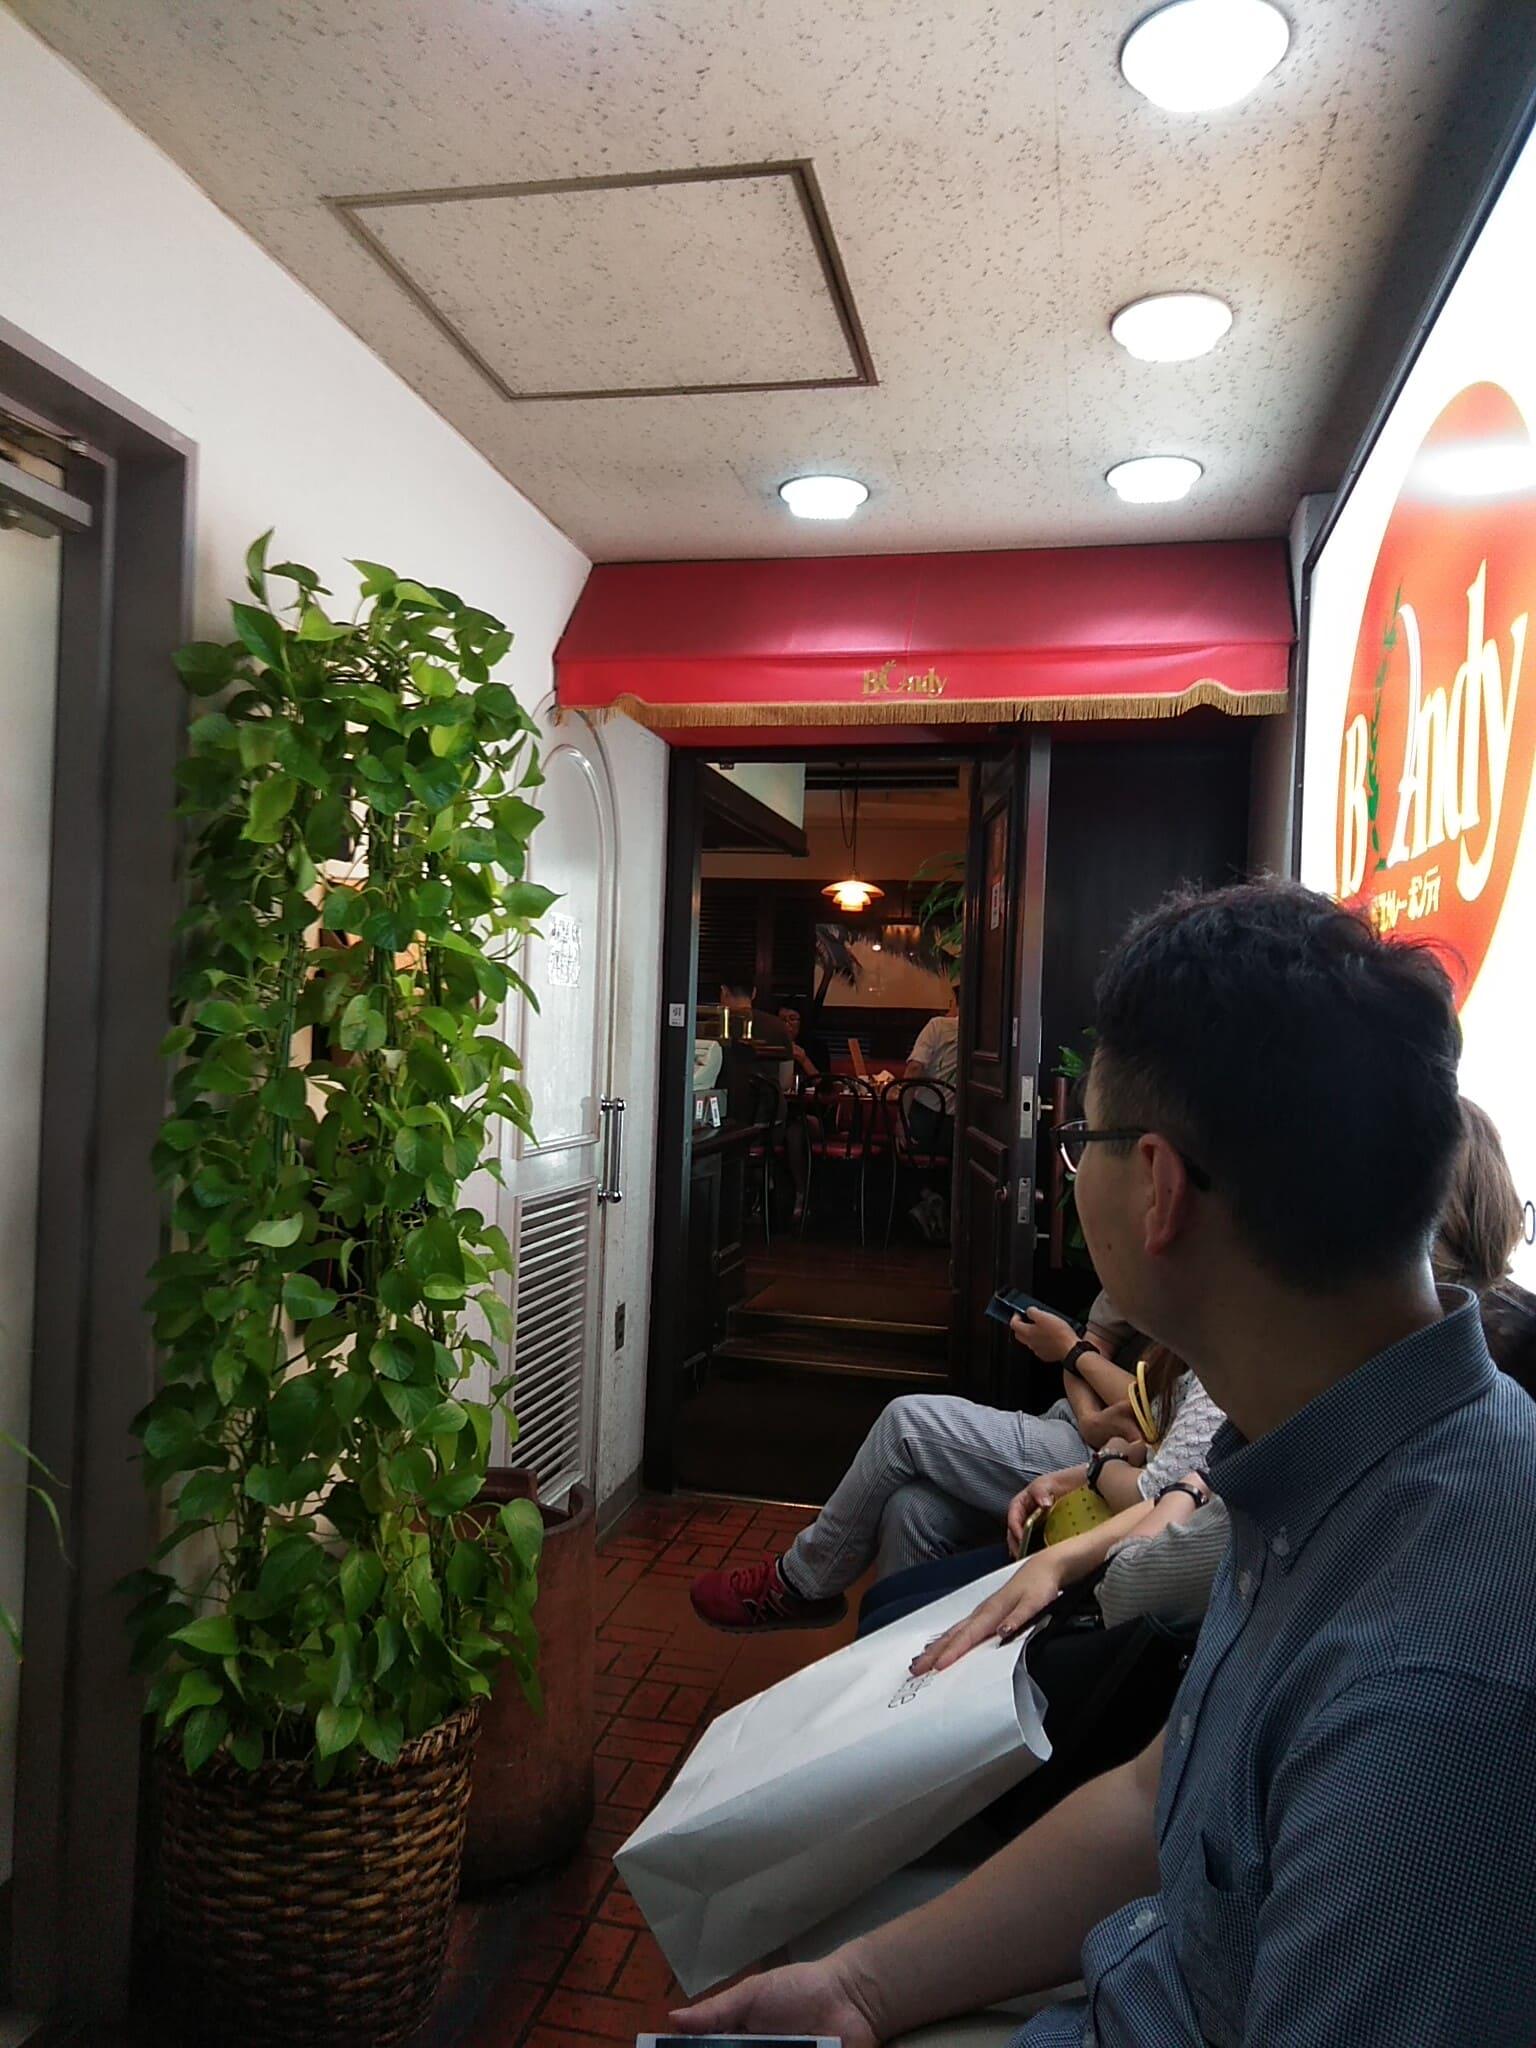 神田神保町欧風カレーボンディーの行列と店舗入口